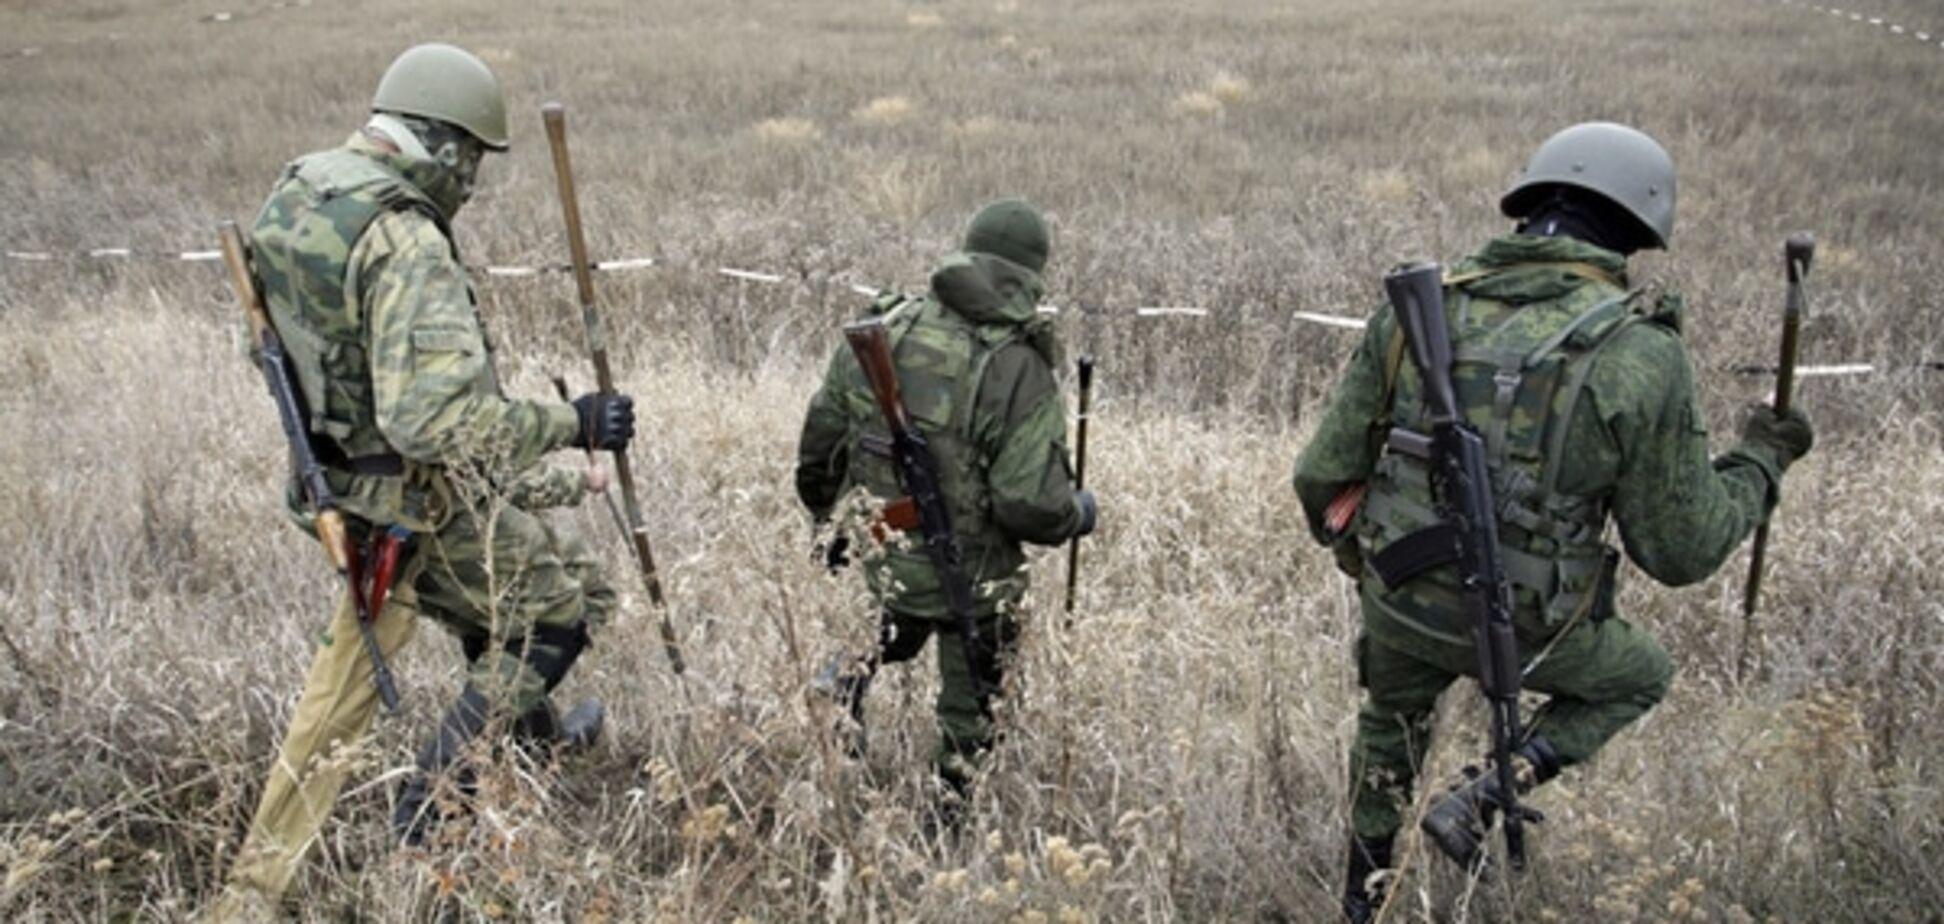 Ситуація на Донбасі загострилася: терористи вели вогонь по всіх секторах